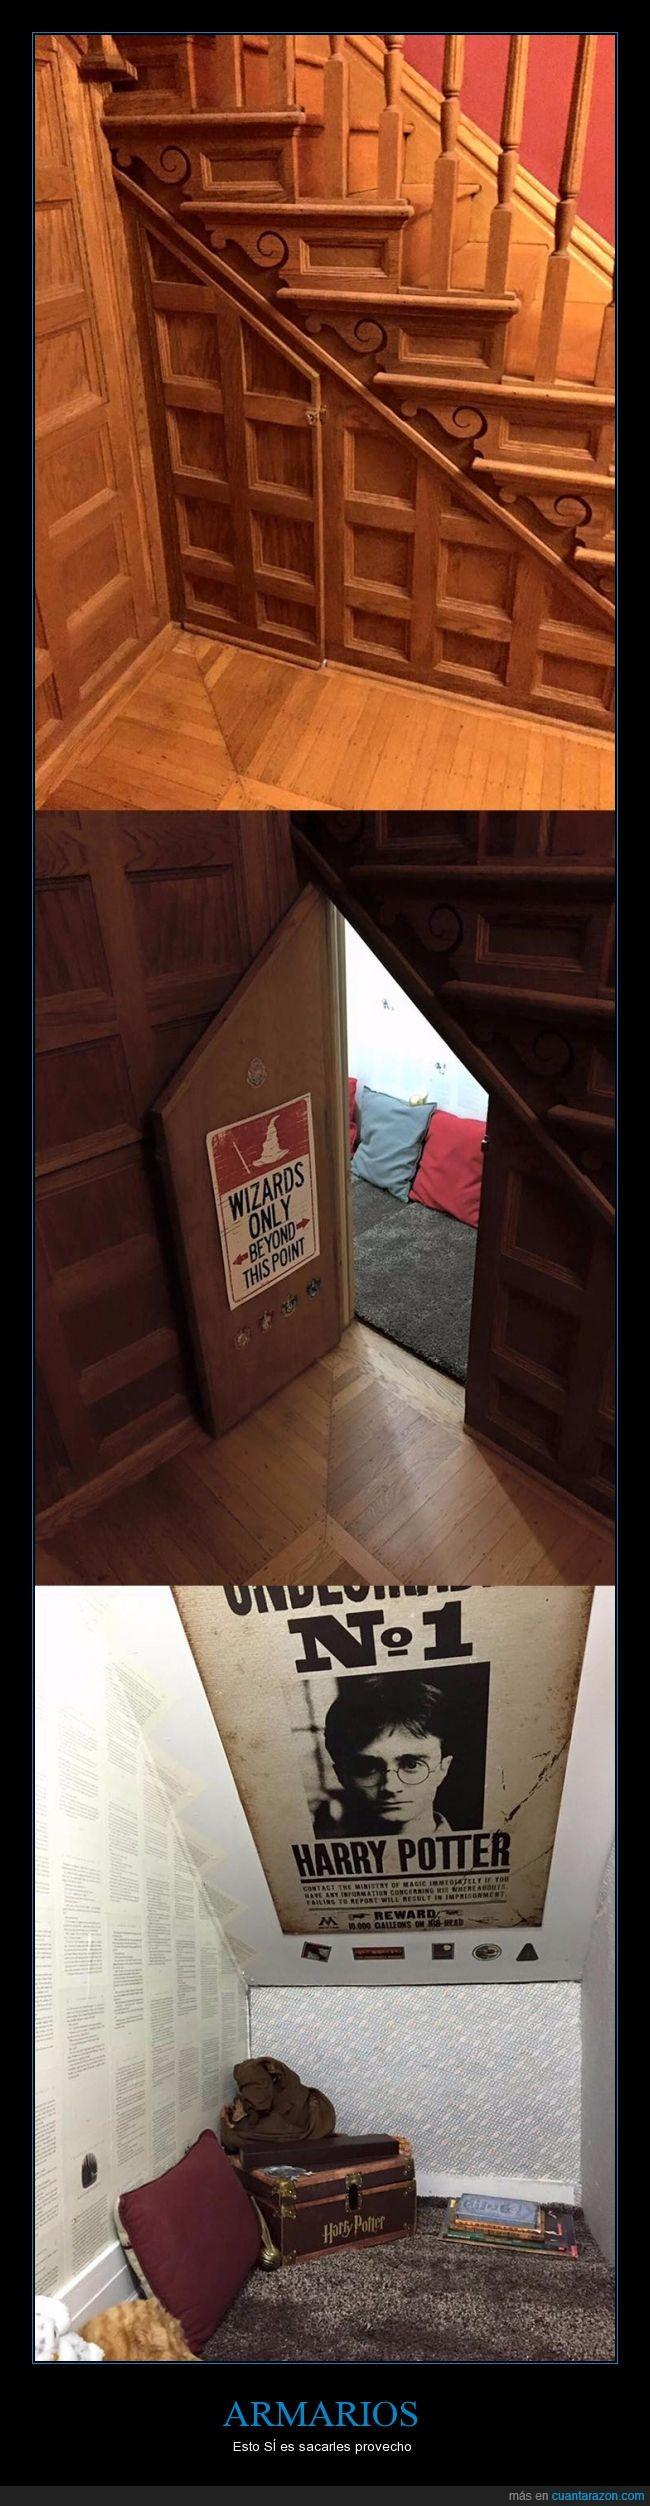 aprovechar,armario,debajo,escalera,habitación,harry potter